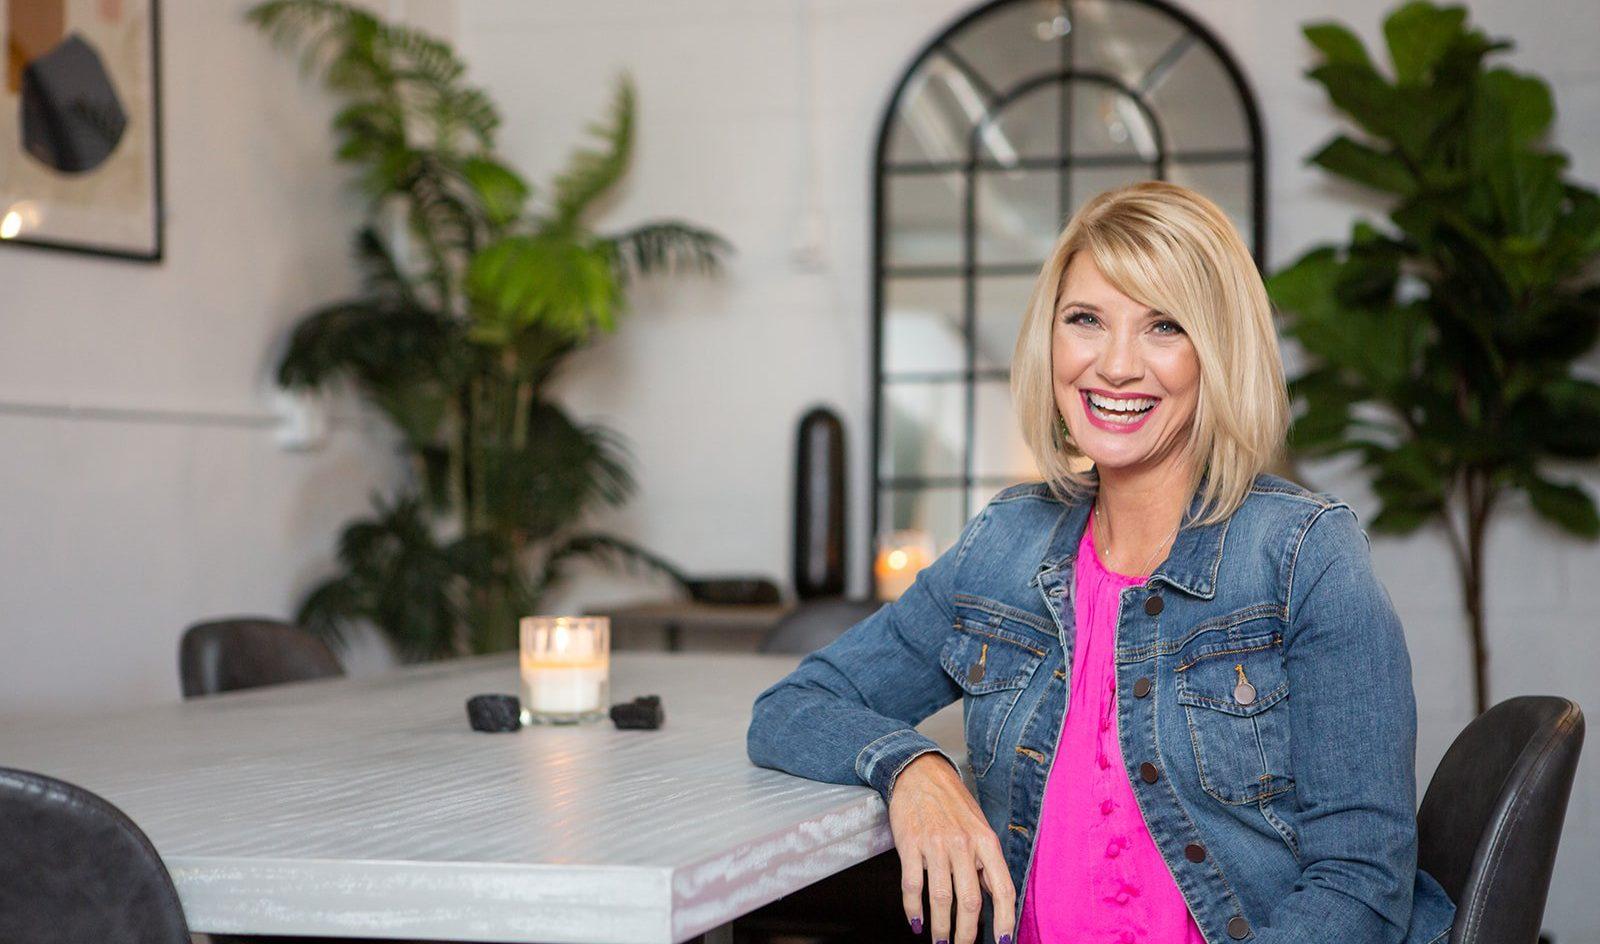 Trish McKinnley offers spiritual guidance